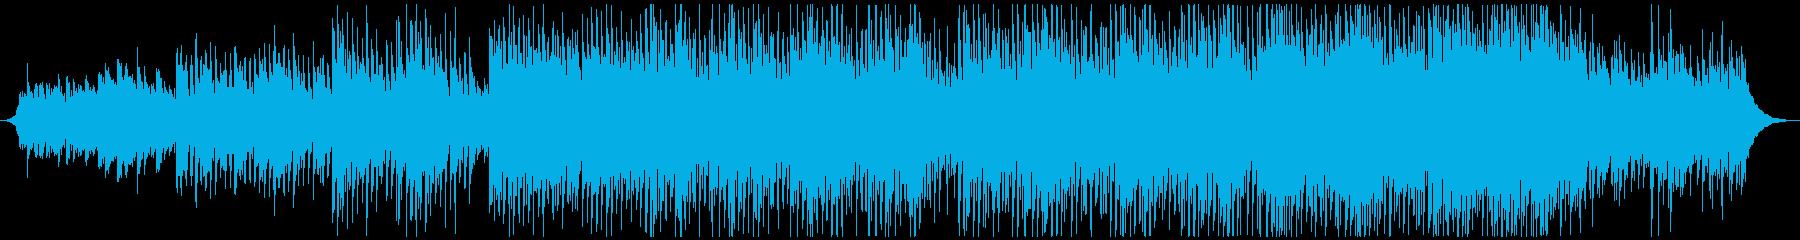 ギターとストリングスの高揚感アップビートの再生済みの波形